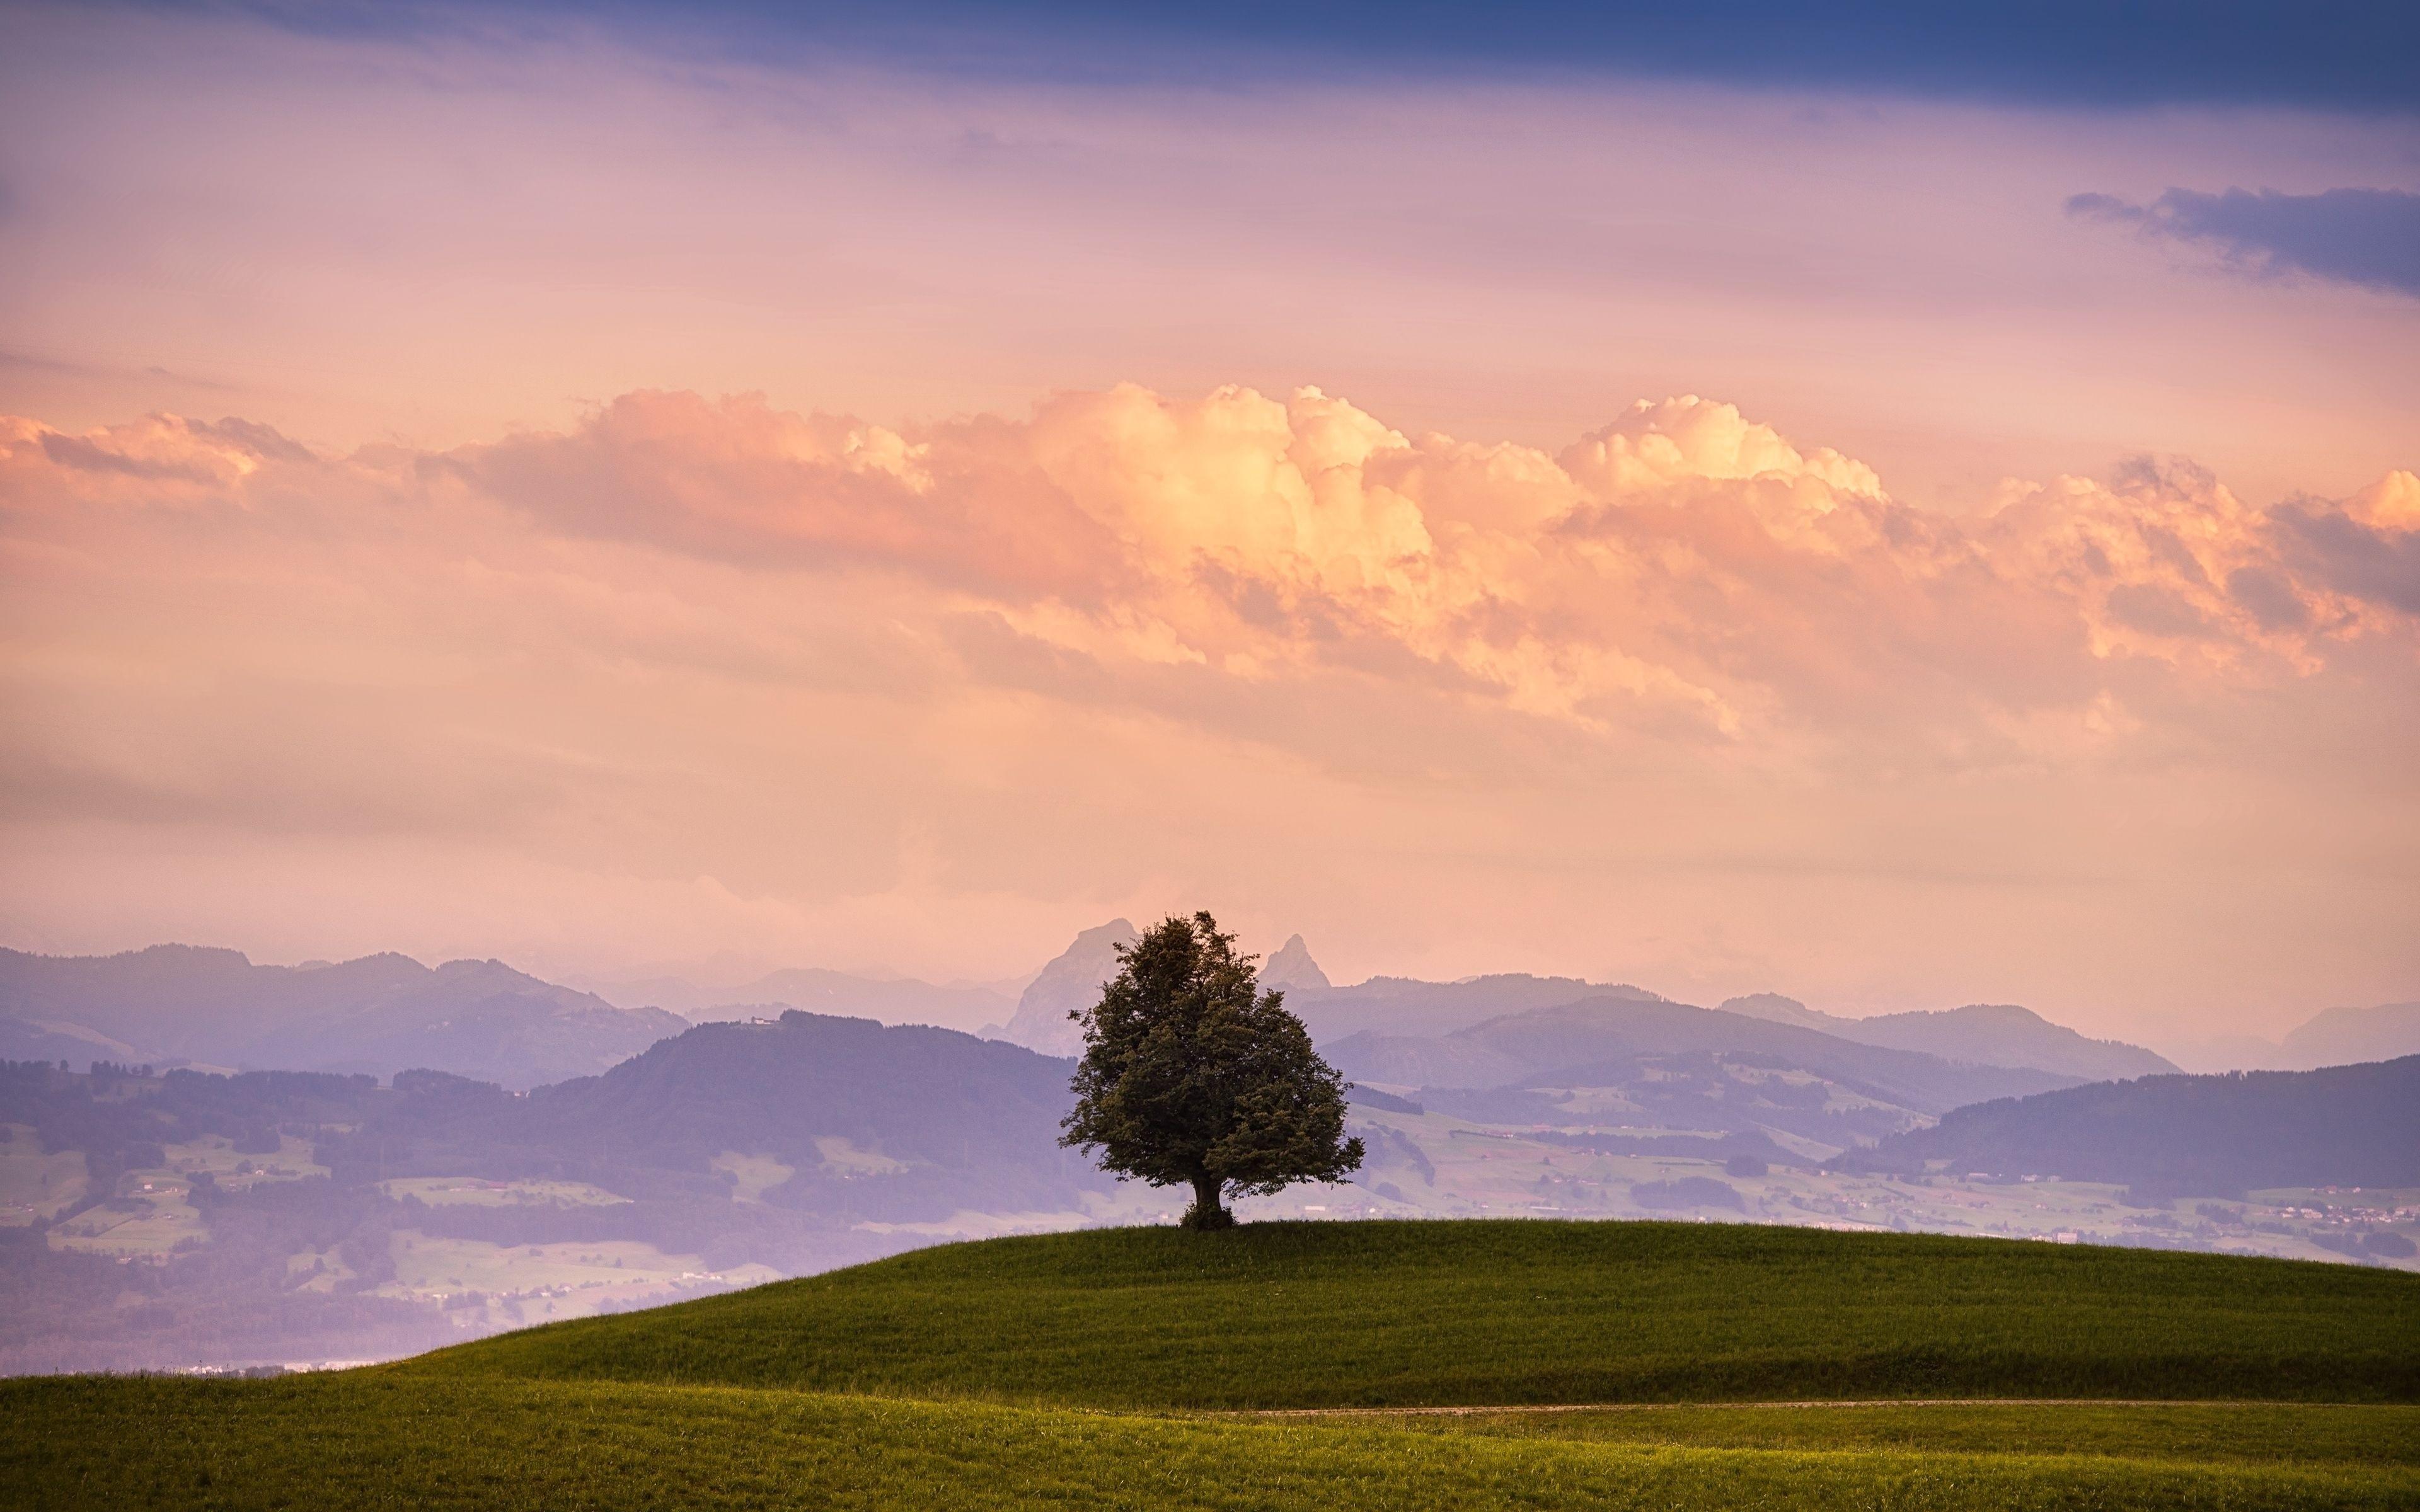 природа небо облака деревья поле nature the sky clouds trees field  № 243768 загрузить